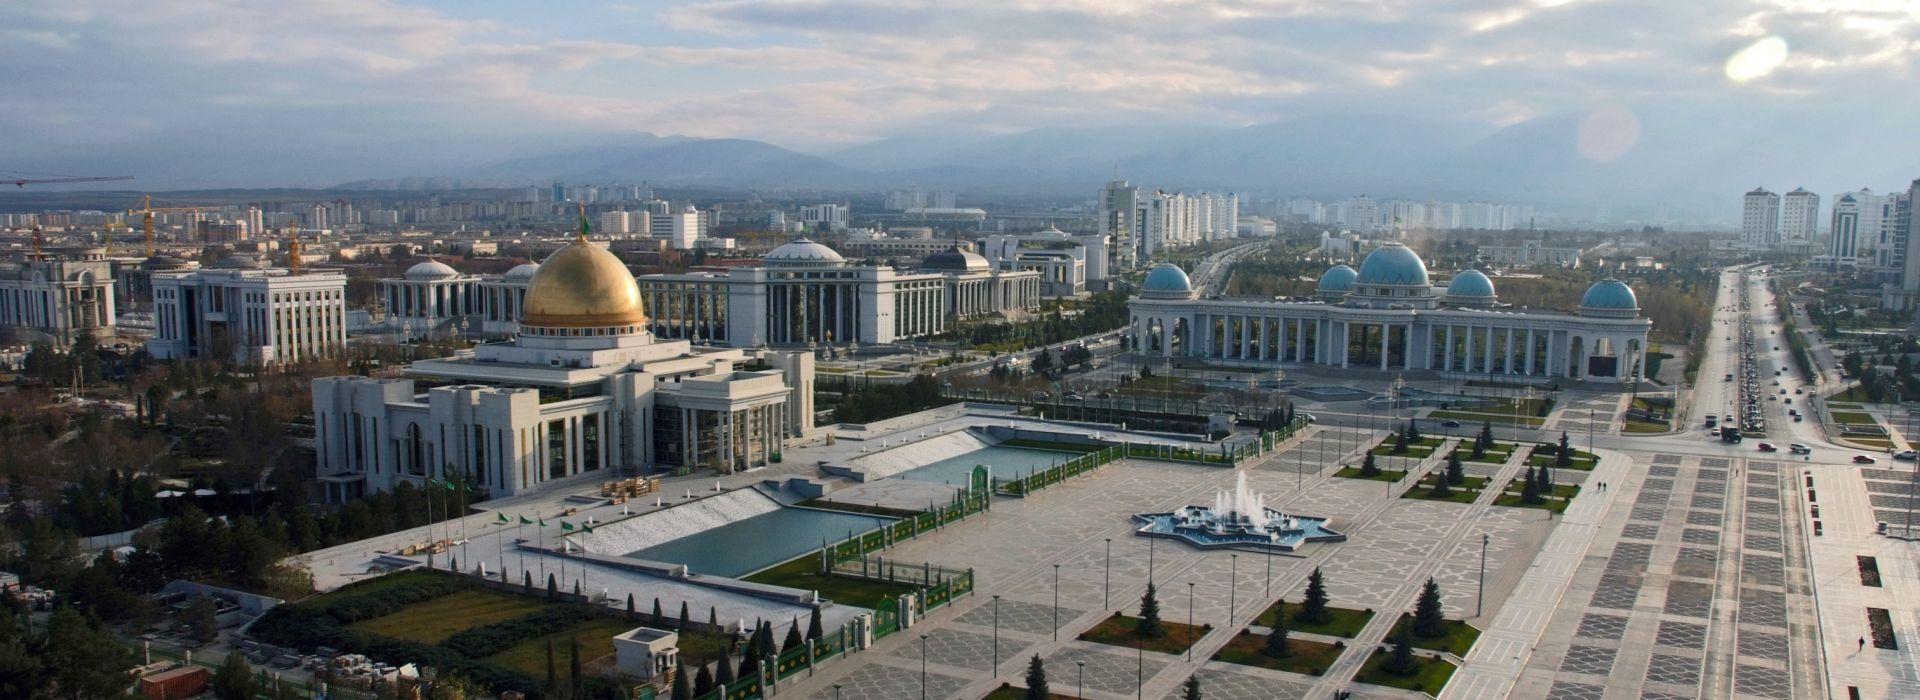 turkmenistan - photo #12